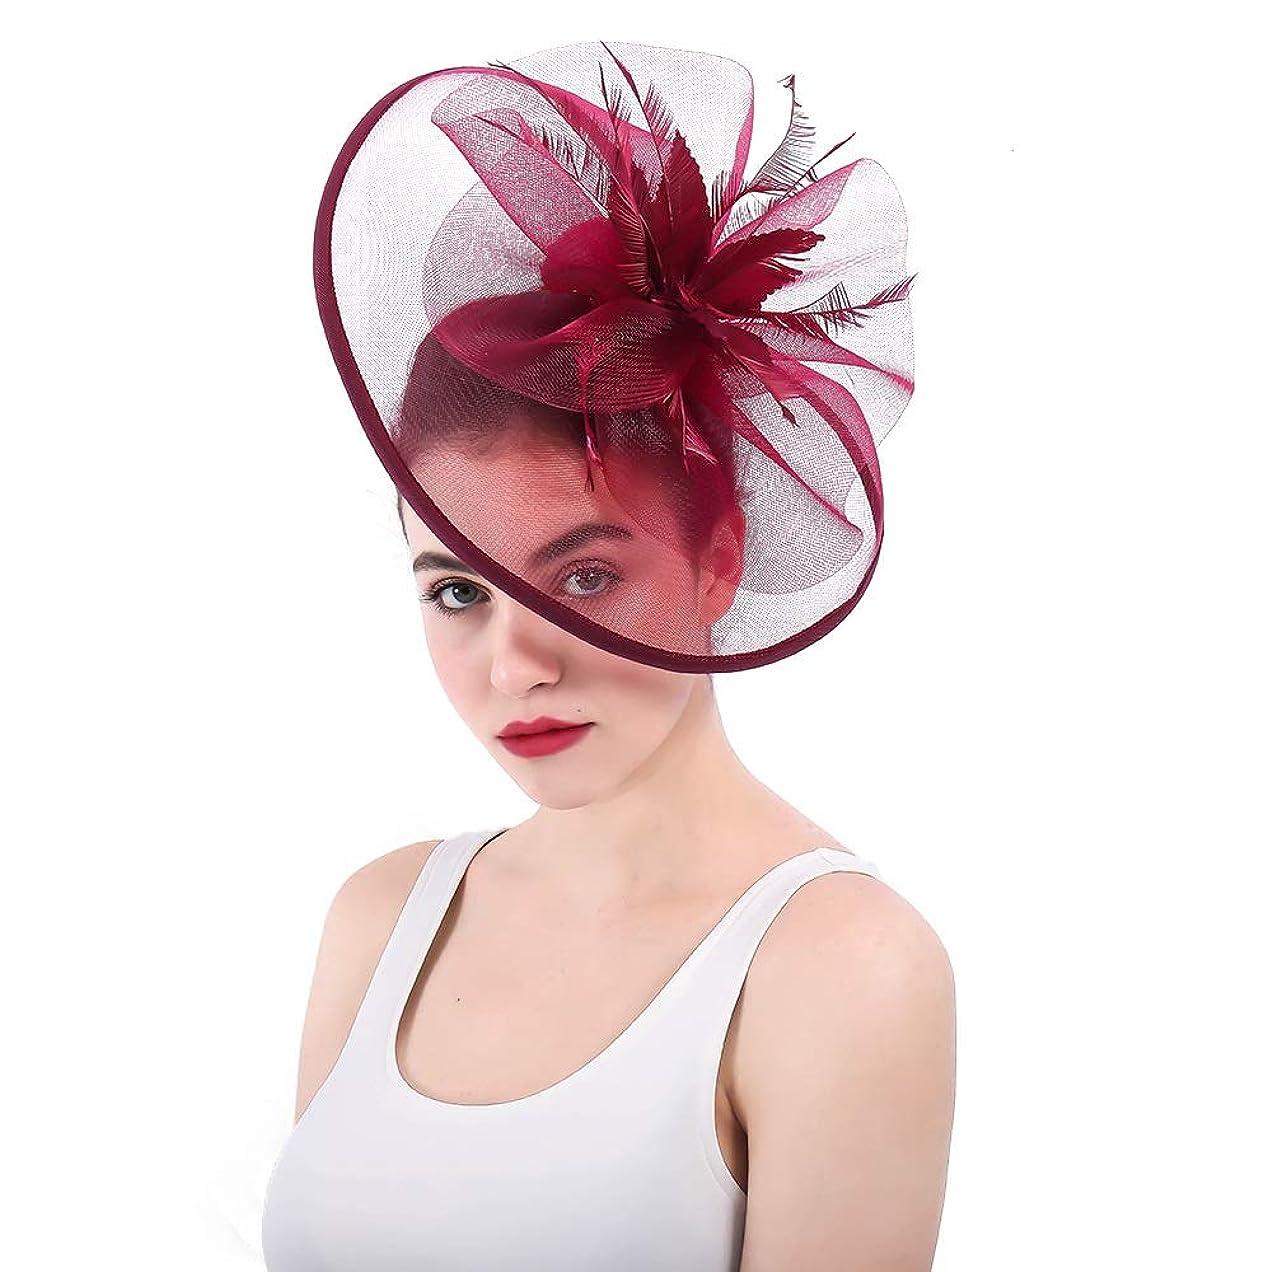 女性の魅力的な帽子 女性のエレガントな魅惑的な帽子カバーフェイシャルブライダルヘッドドレスフラワーヘアアクセサリーウェディングカクテルロイヤルアスコット